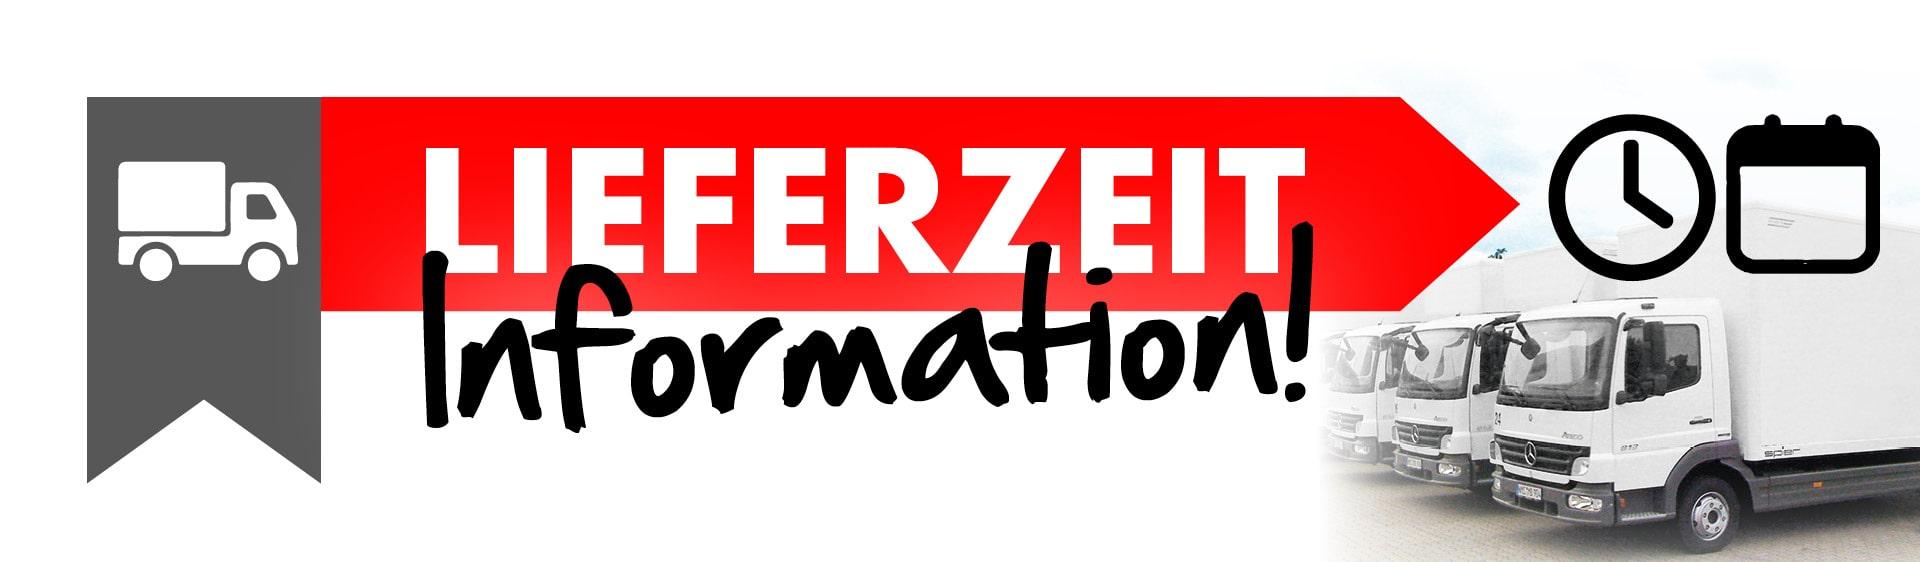 Arenz_DKP_WEB-Banner_Lieferzeit0xFjLVIsOe1Q9